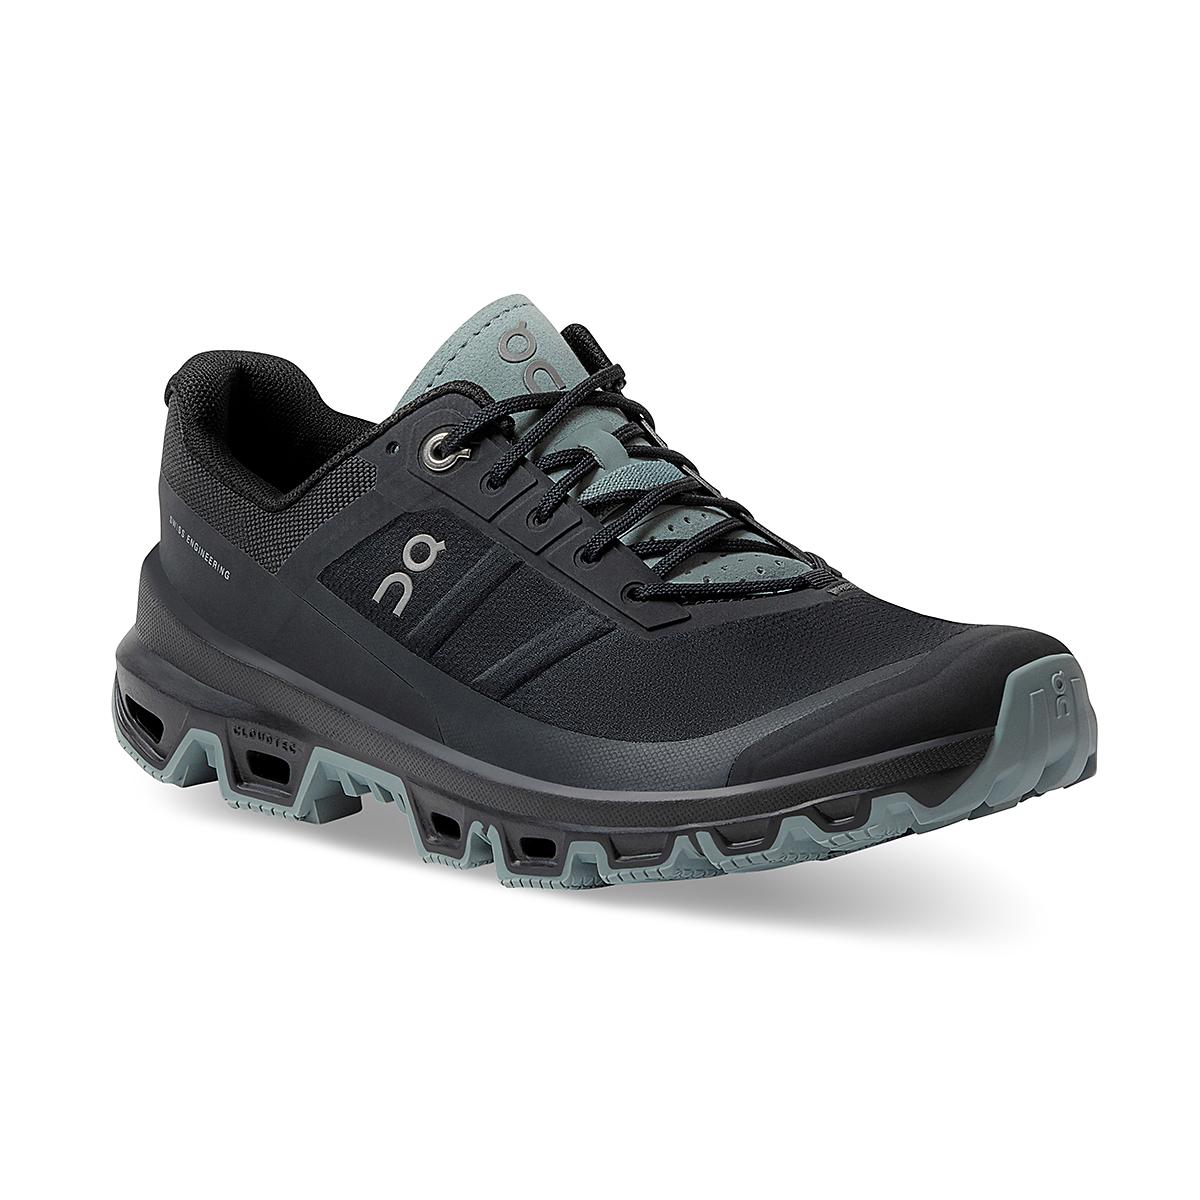 Women's On Cloudventure Running Shoe - Color: Black/Cobble - Size: 5 - Width: Regular, Black/Cobble, large, image 2